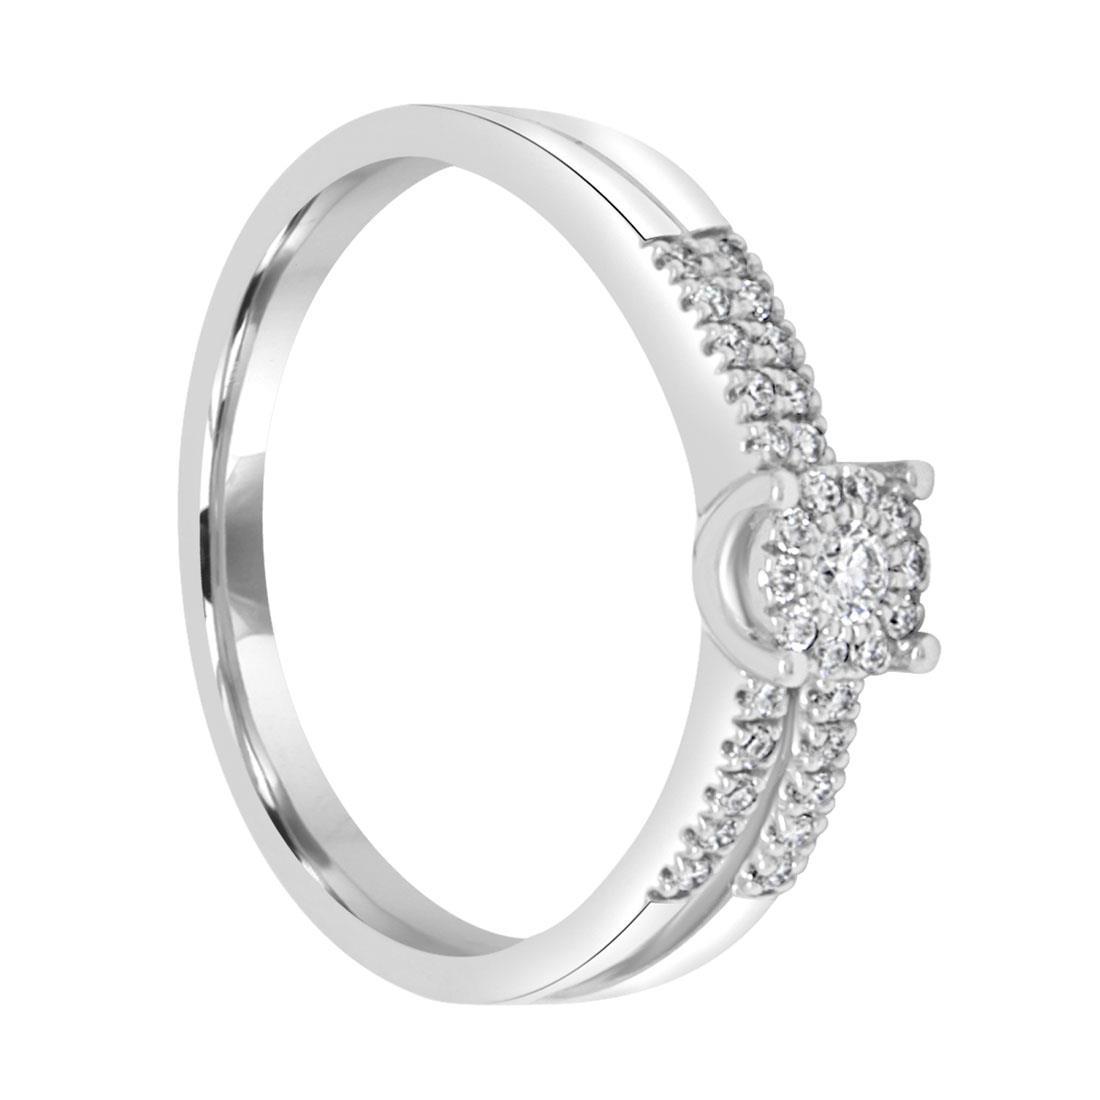 Anello solitario in oro bianco con diamanti - BLISS